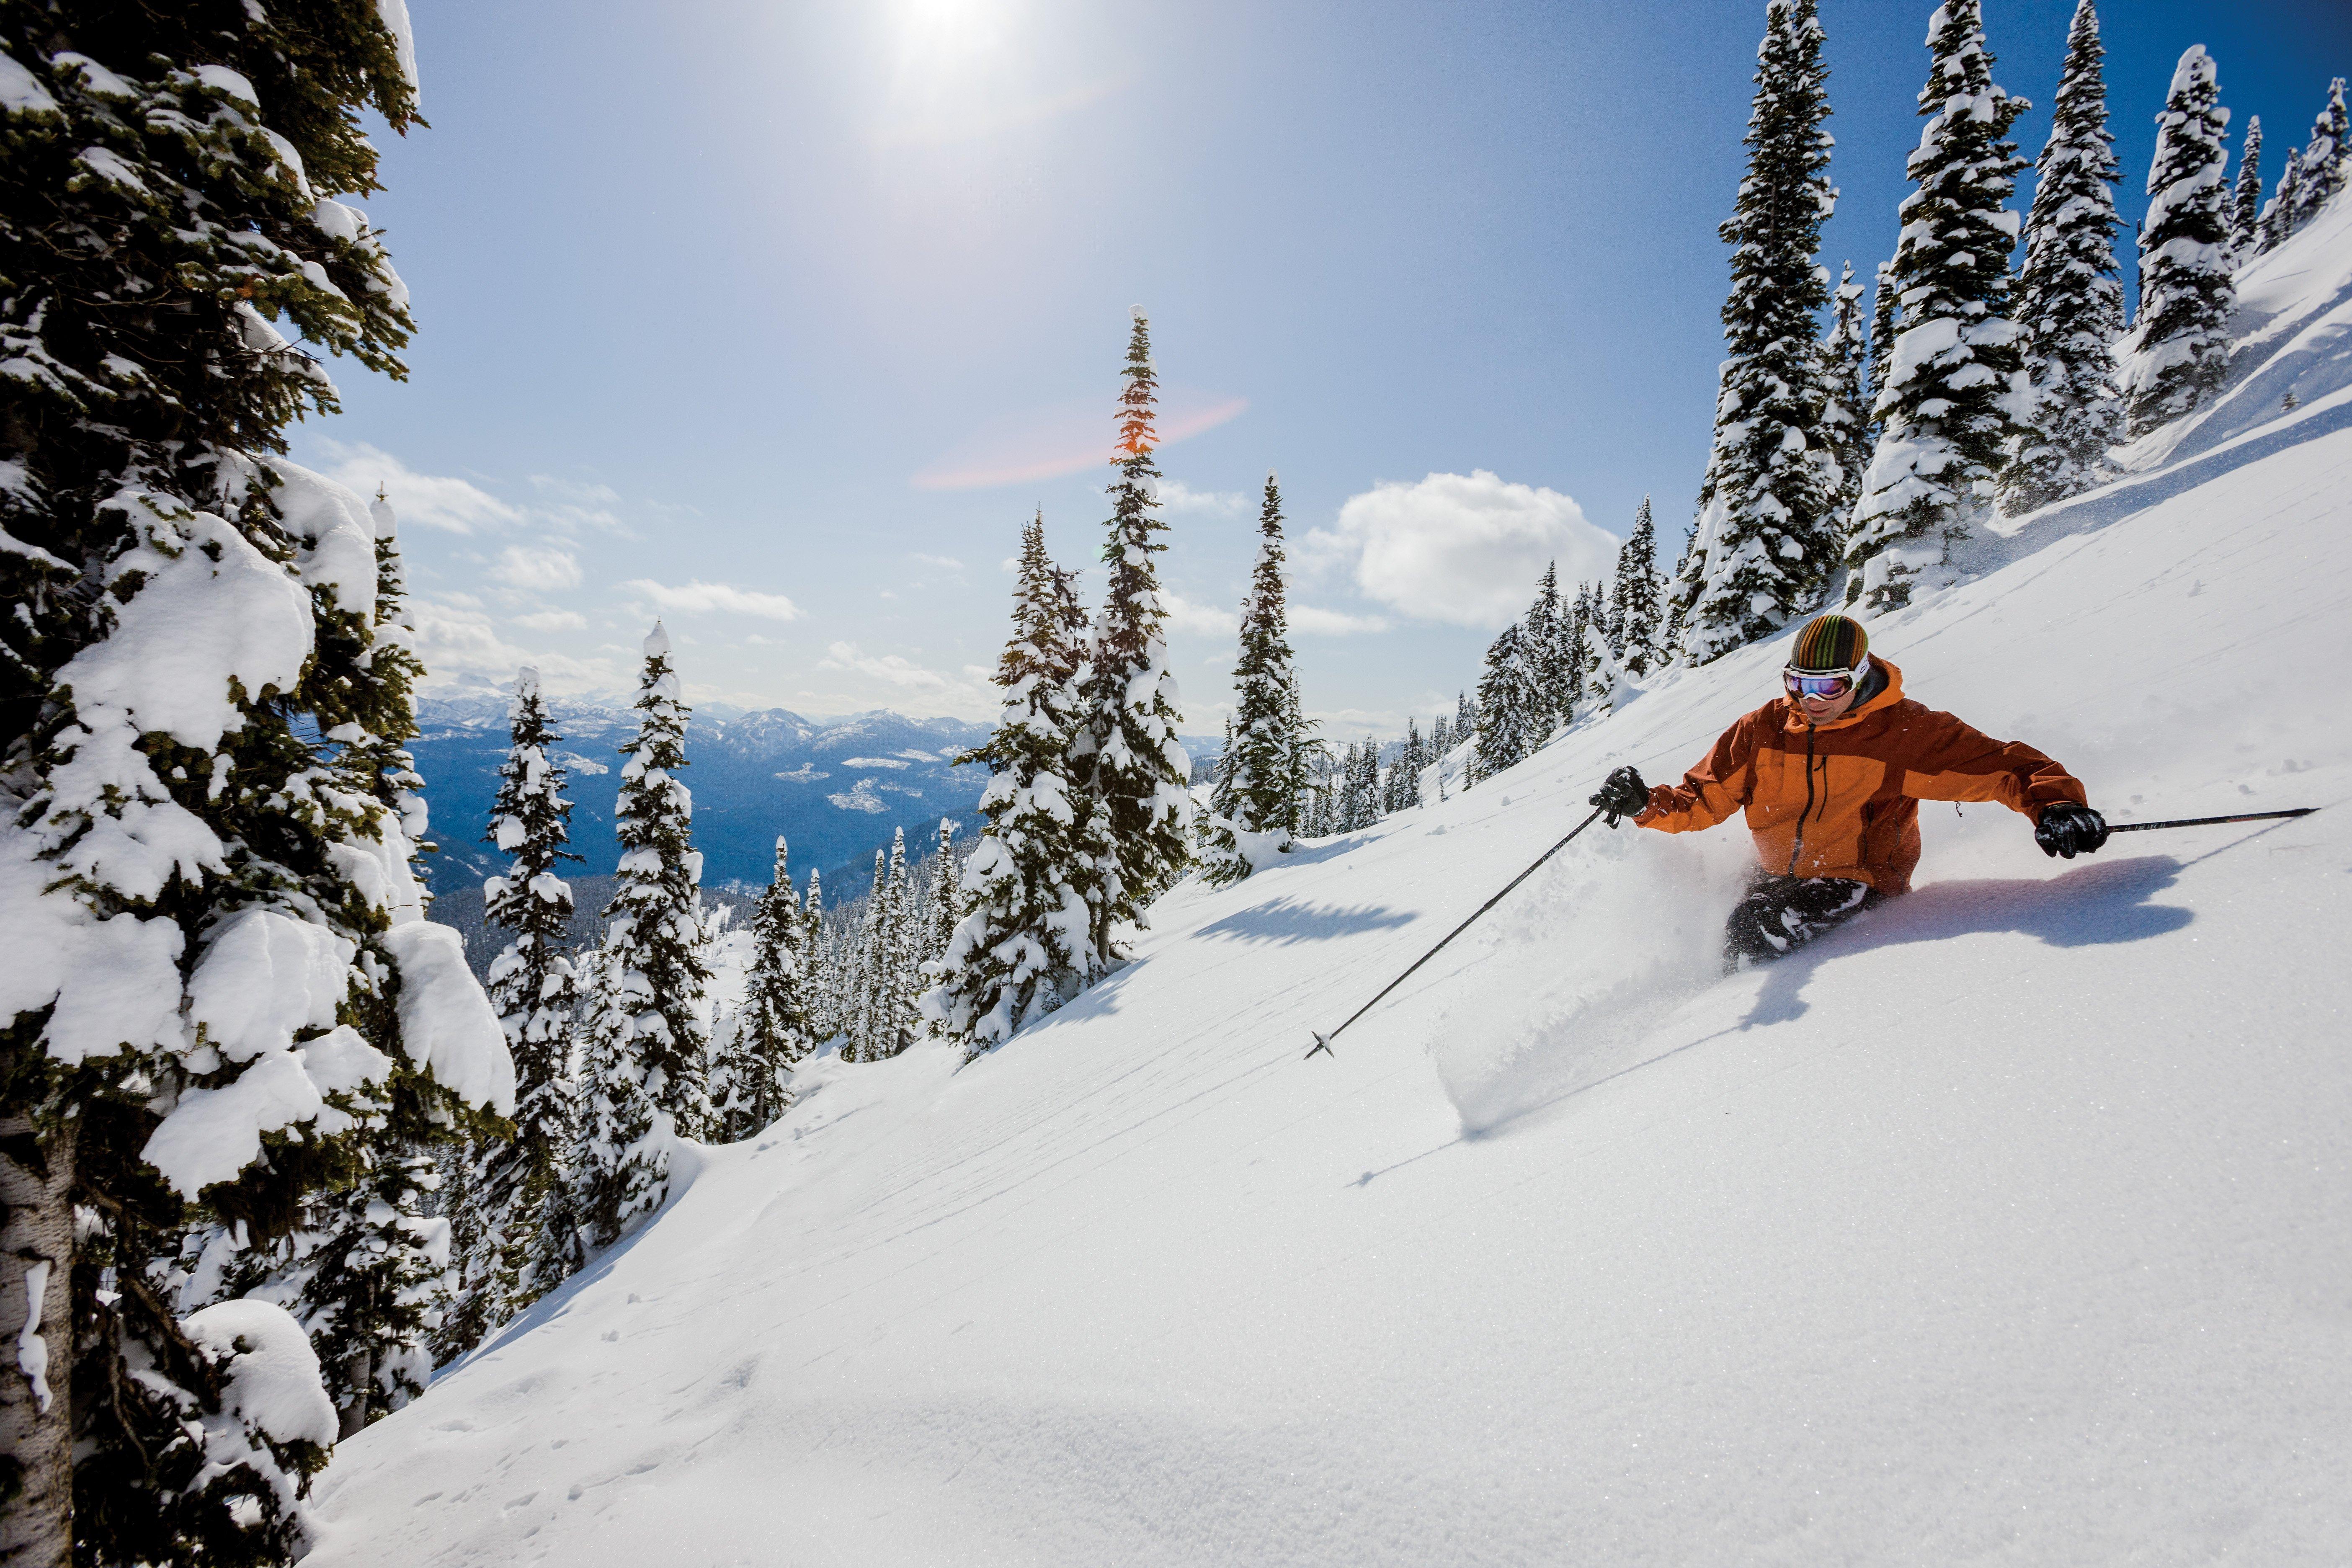 субкультуры лыжник на горе фото стараемся сделать